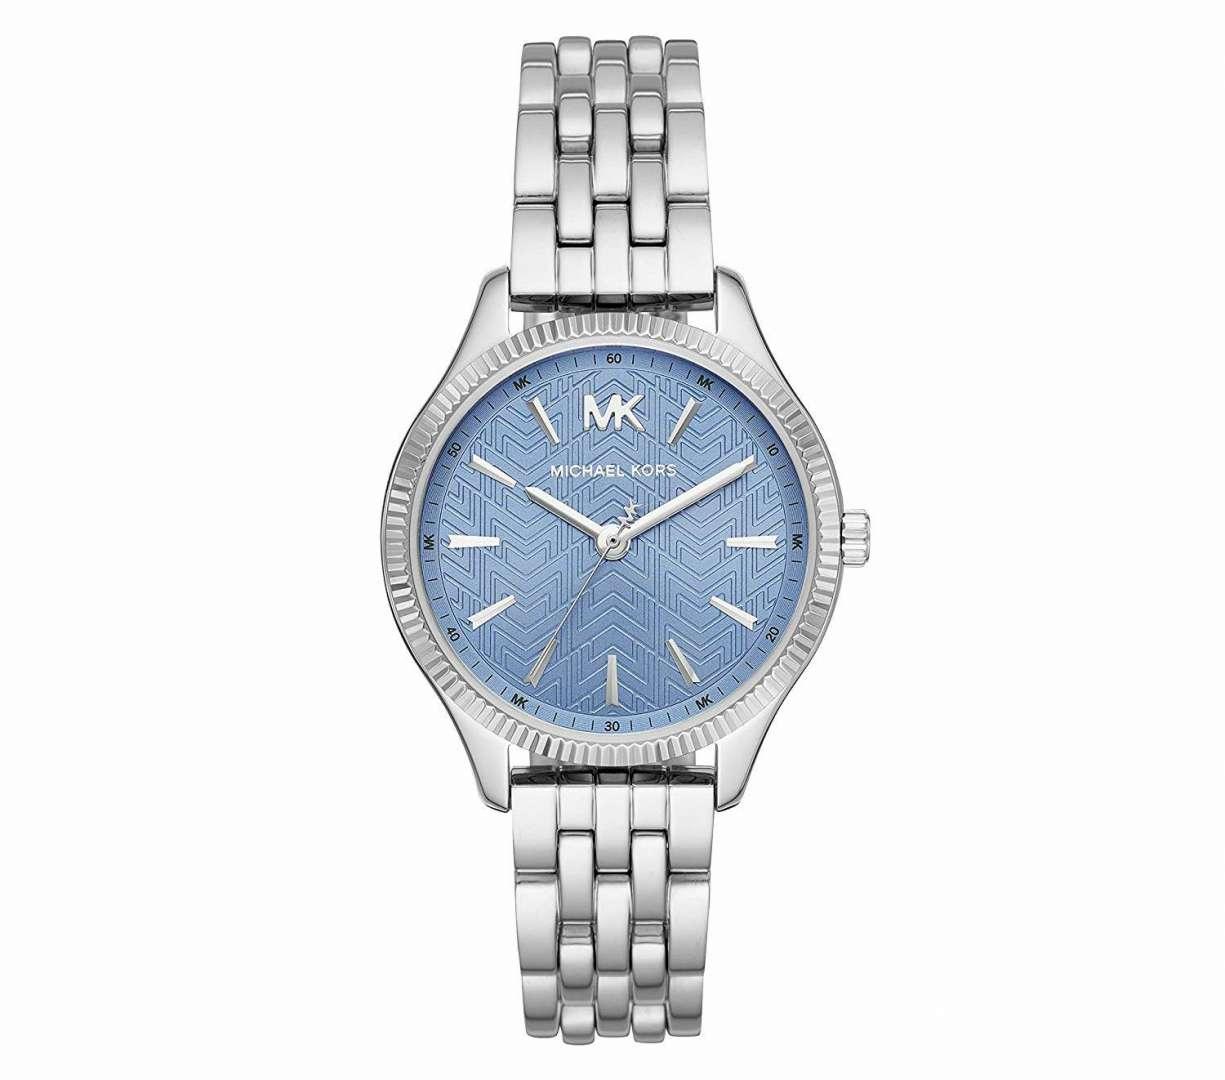 שעון יד אנלוגי לאישה michael kors mk6639 מייקל קורס